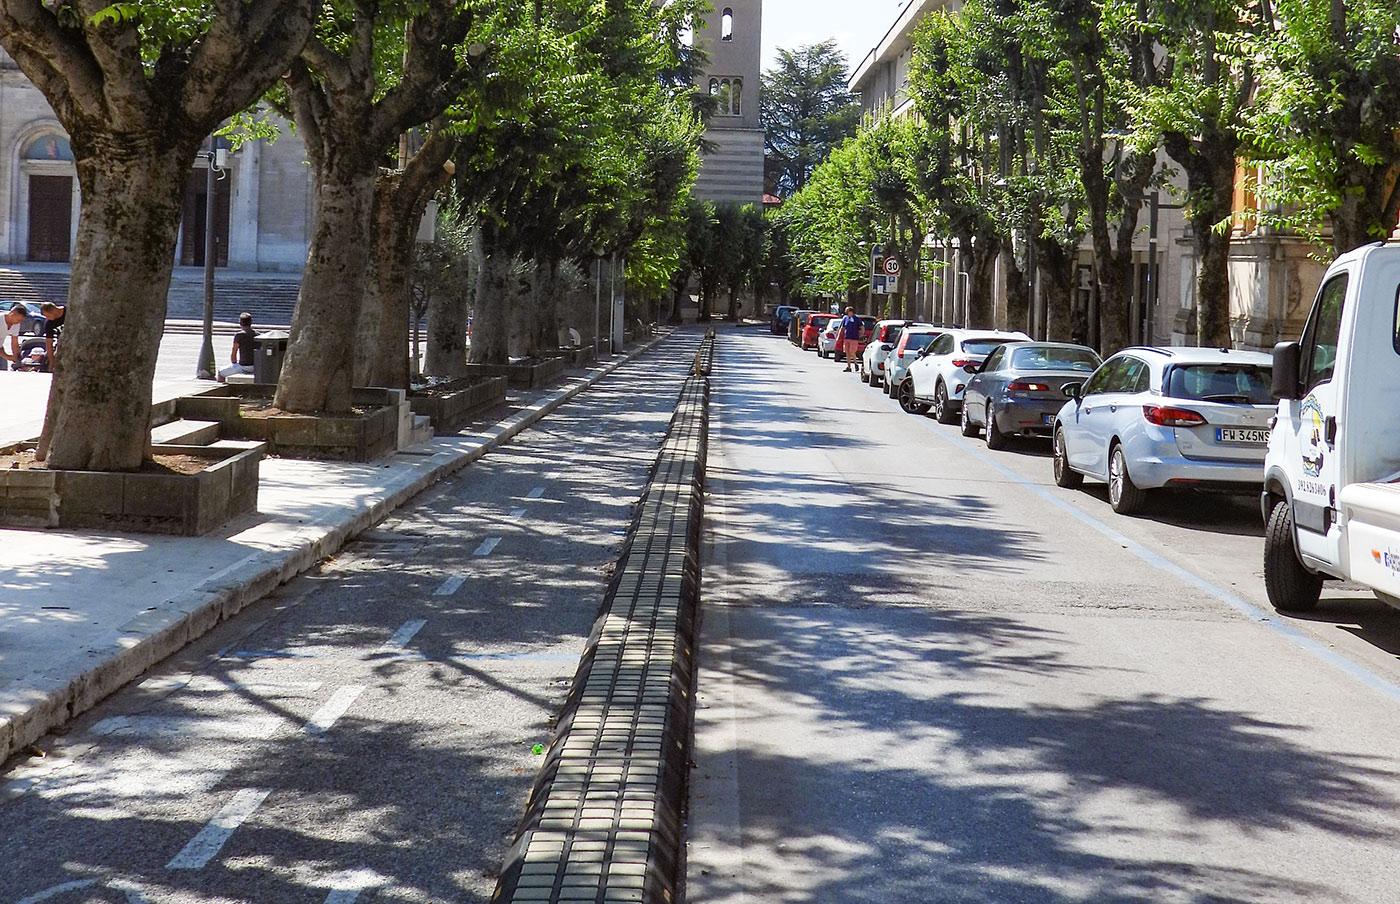 Domande e consigli del Comitato Mobilità Sostenibile Marsicana-Fiab ai candidati sindaco del comune di Avezzano